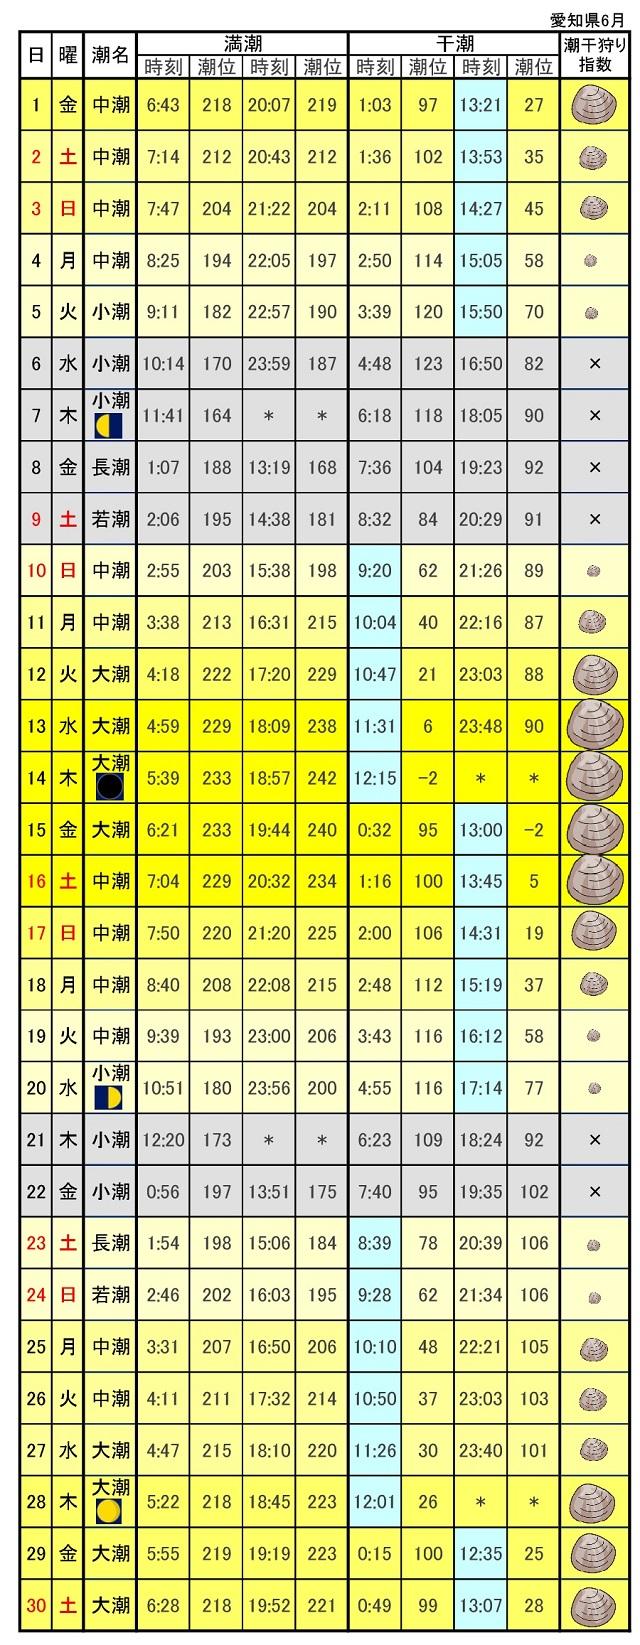 愛知県潮干狩りカレンダー2018年6月